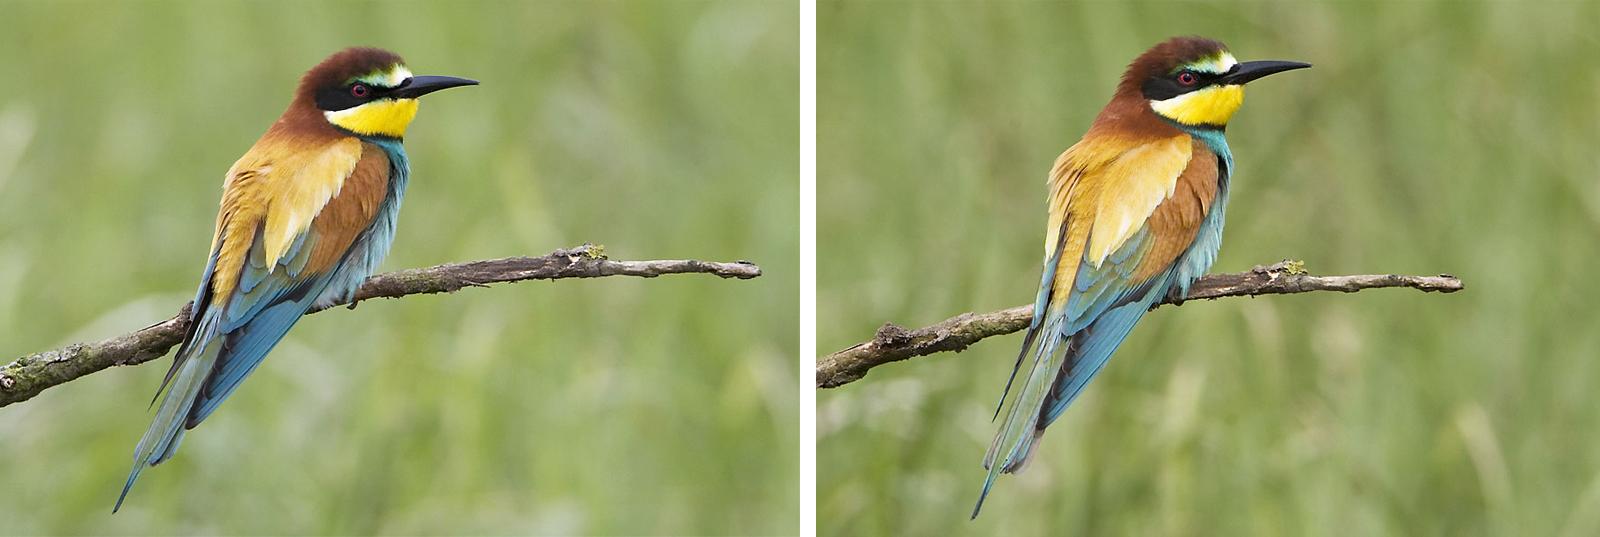 twee foto's van een bijeneter, links zonder BetterBeamer, rechts met BetterBeamer